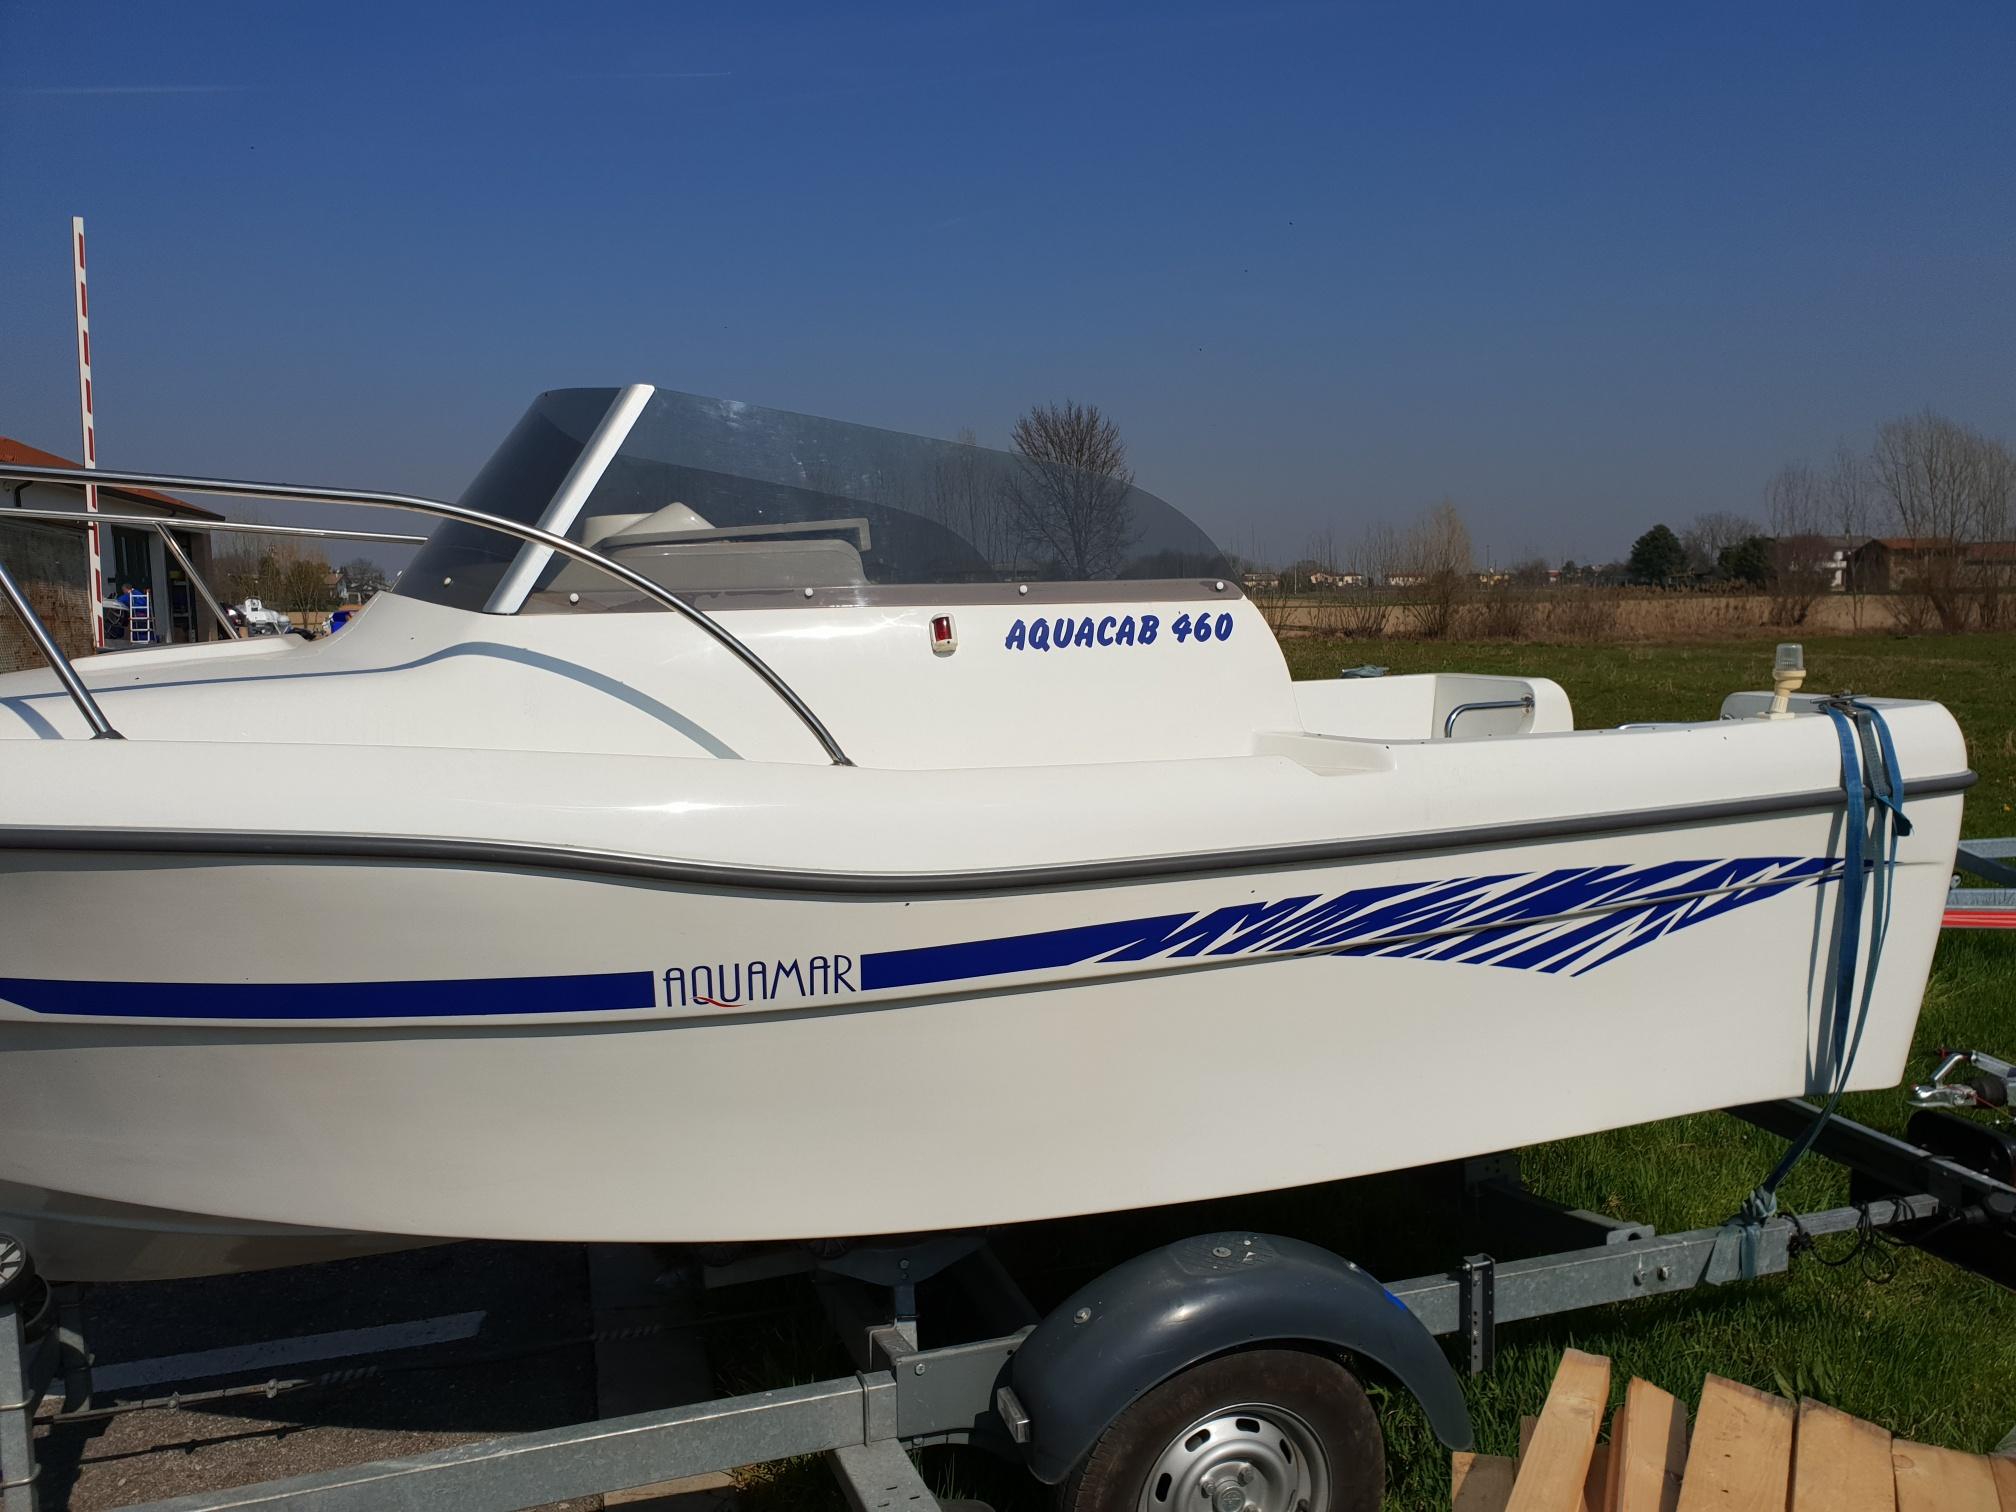 Foto OCCASIONE Barca Cabinato Pesca Aquamar 460 - 8